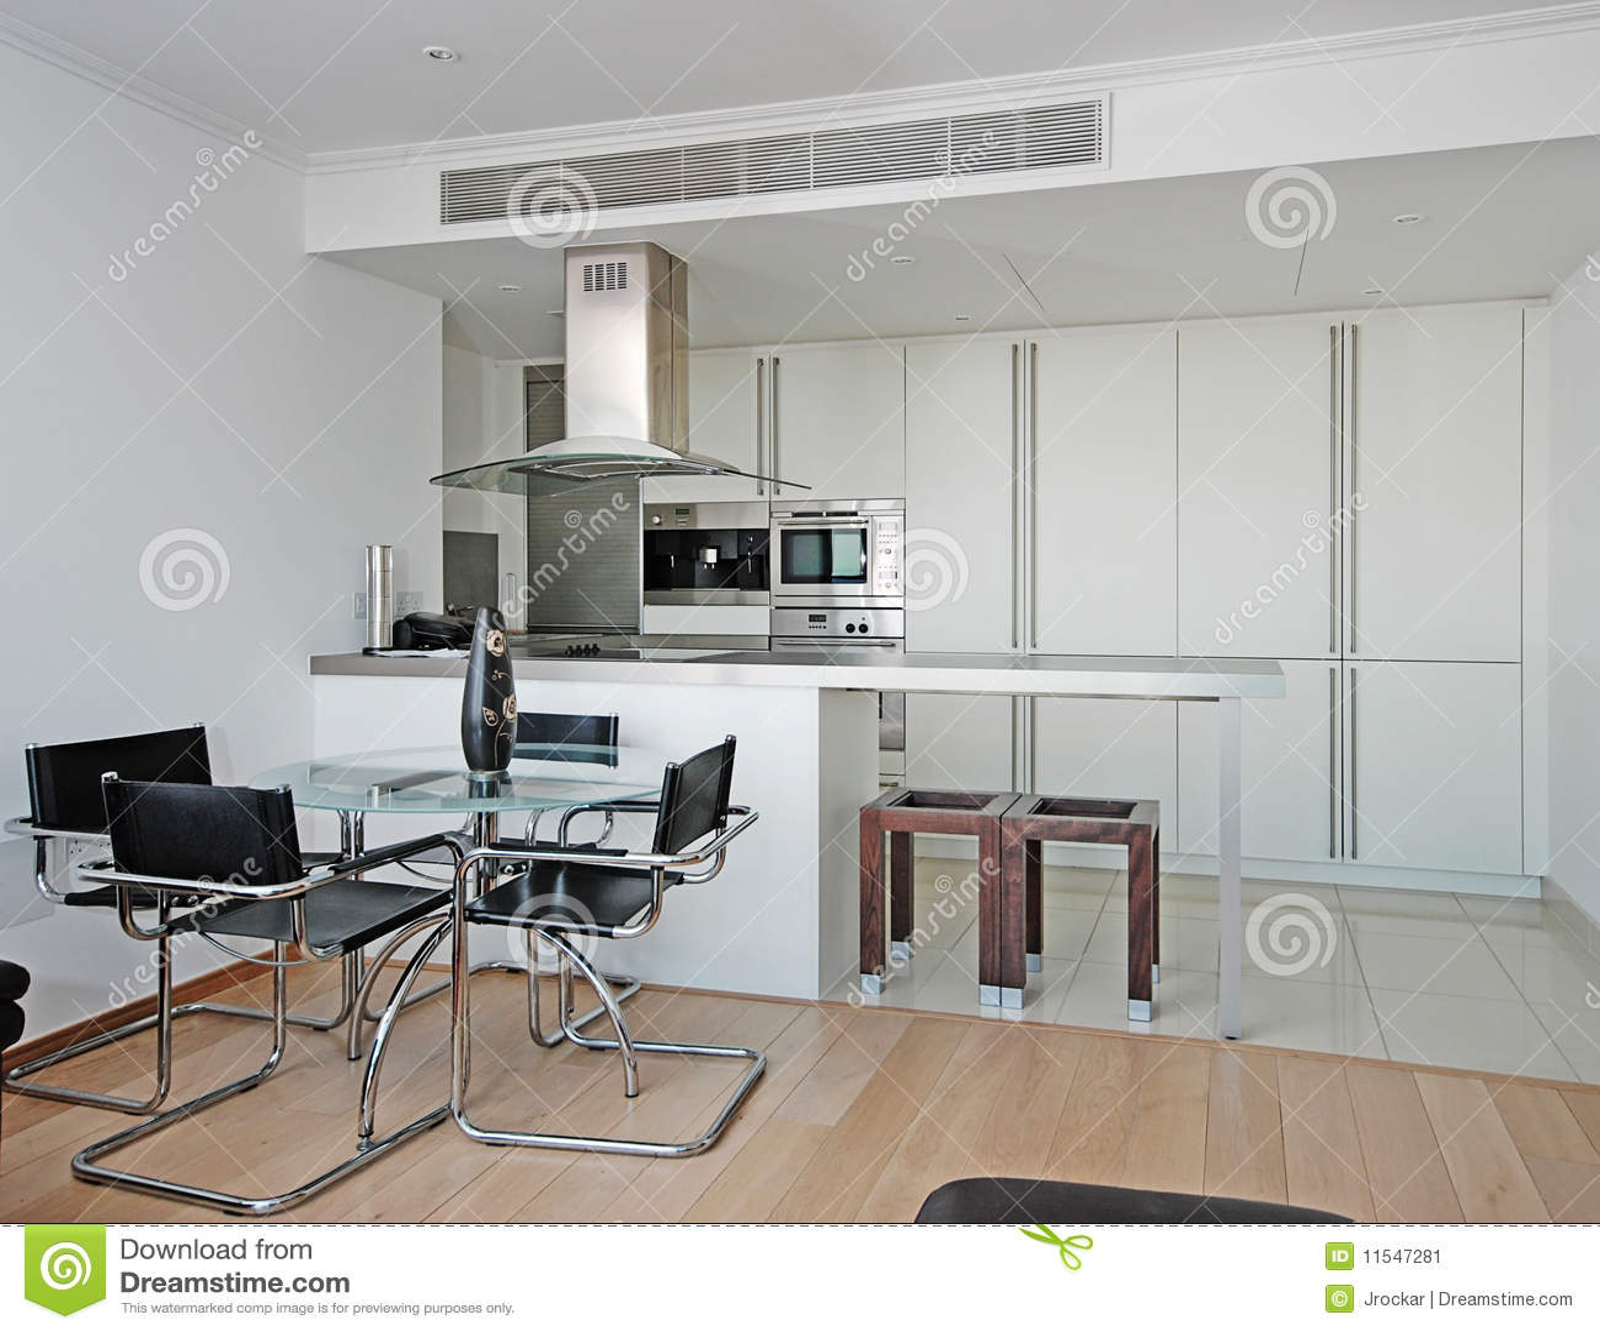 Moderne keuken met eettafel stock afbeelding afbeelding - Moderne keukenbank ...